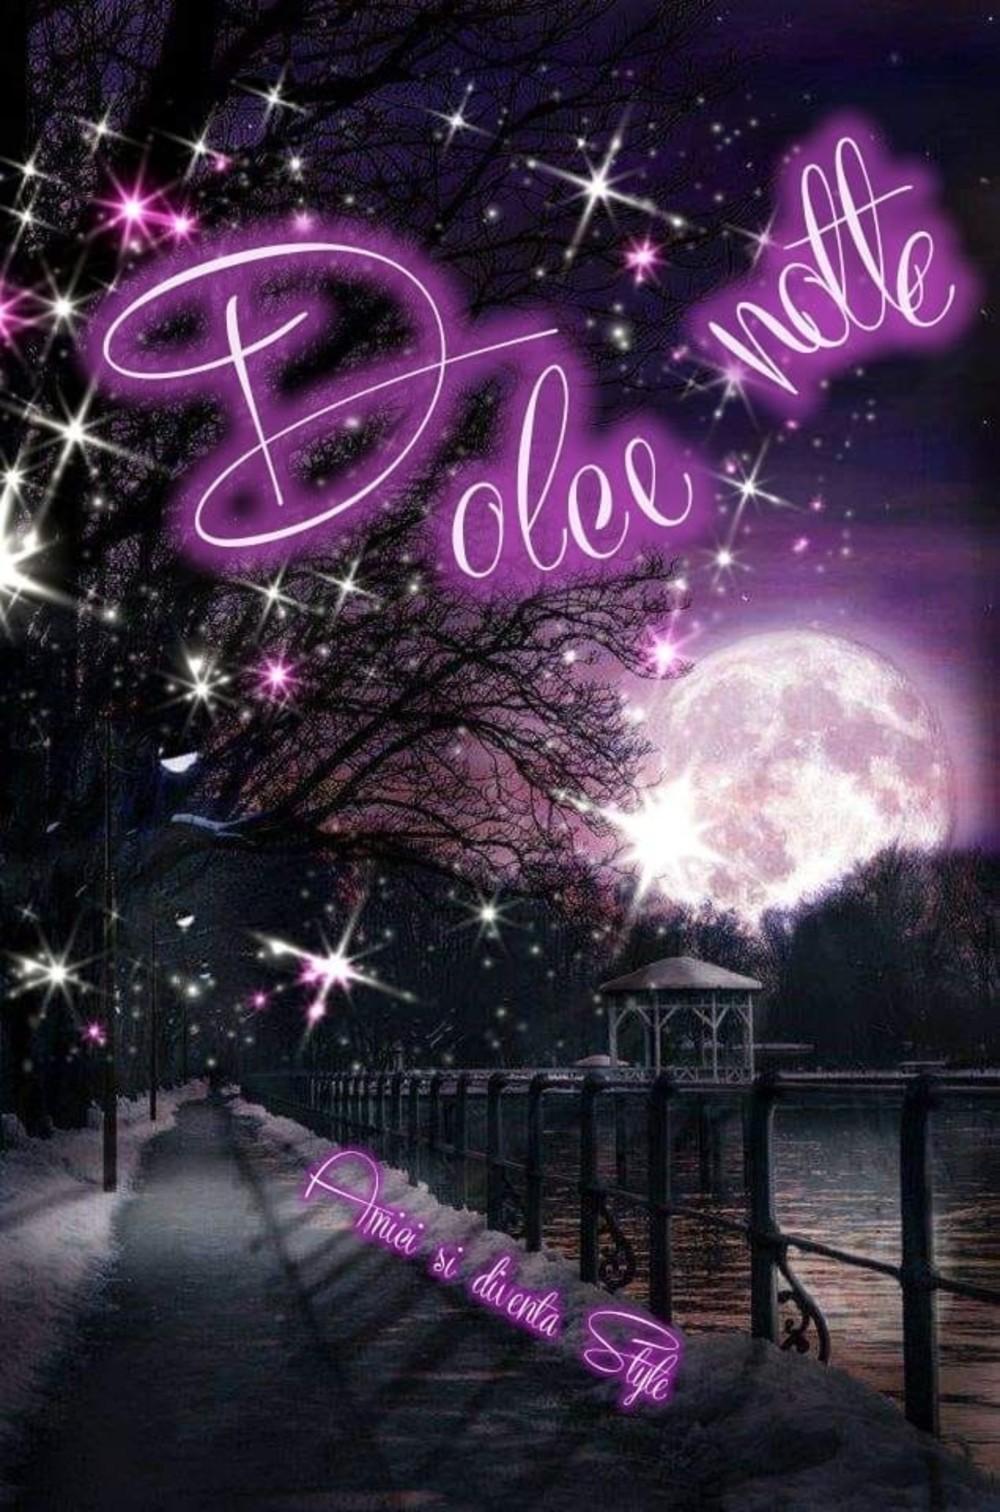 belle immagini buona notte (5)